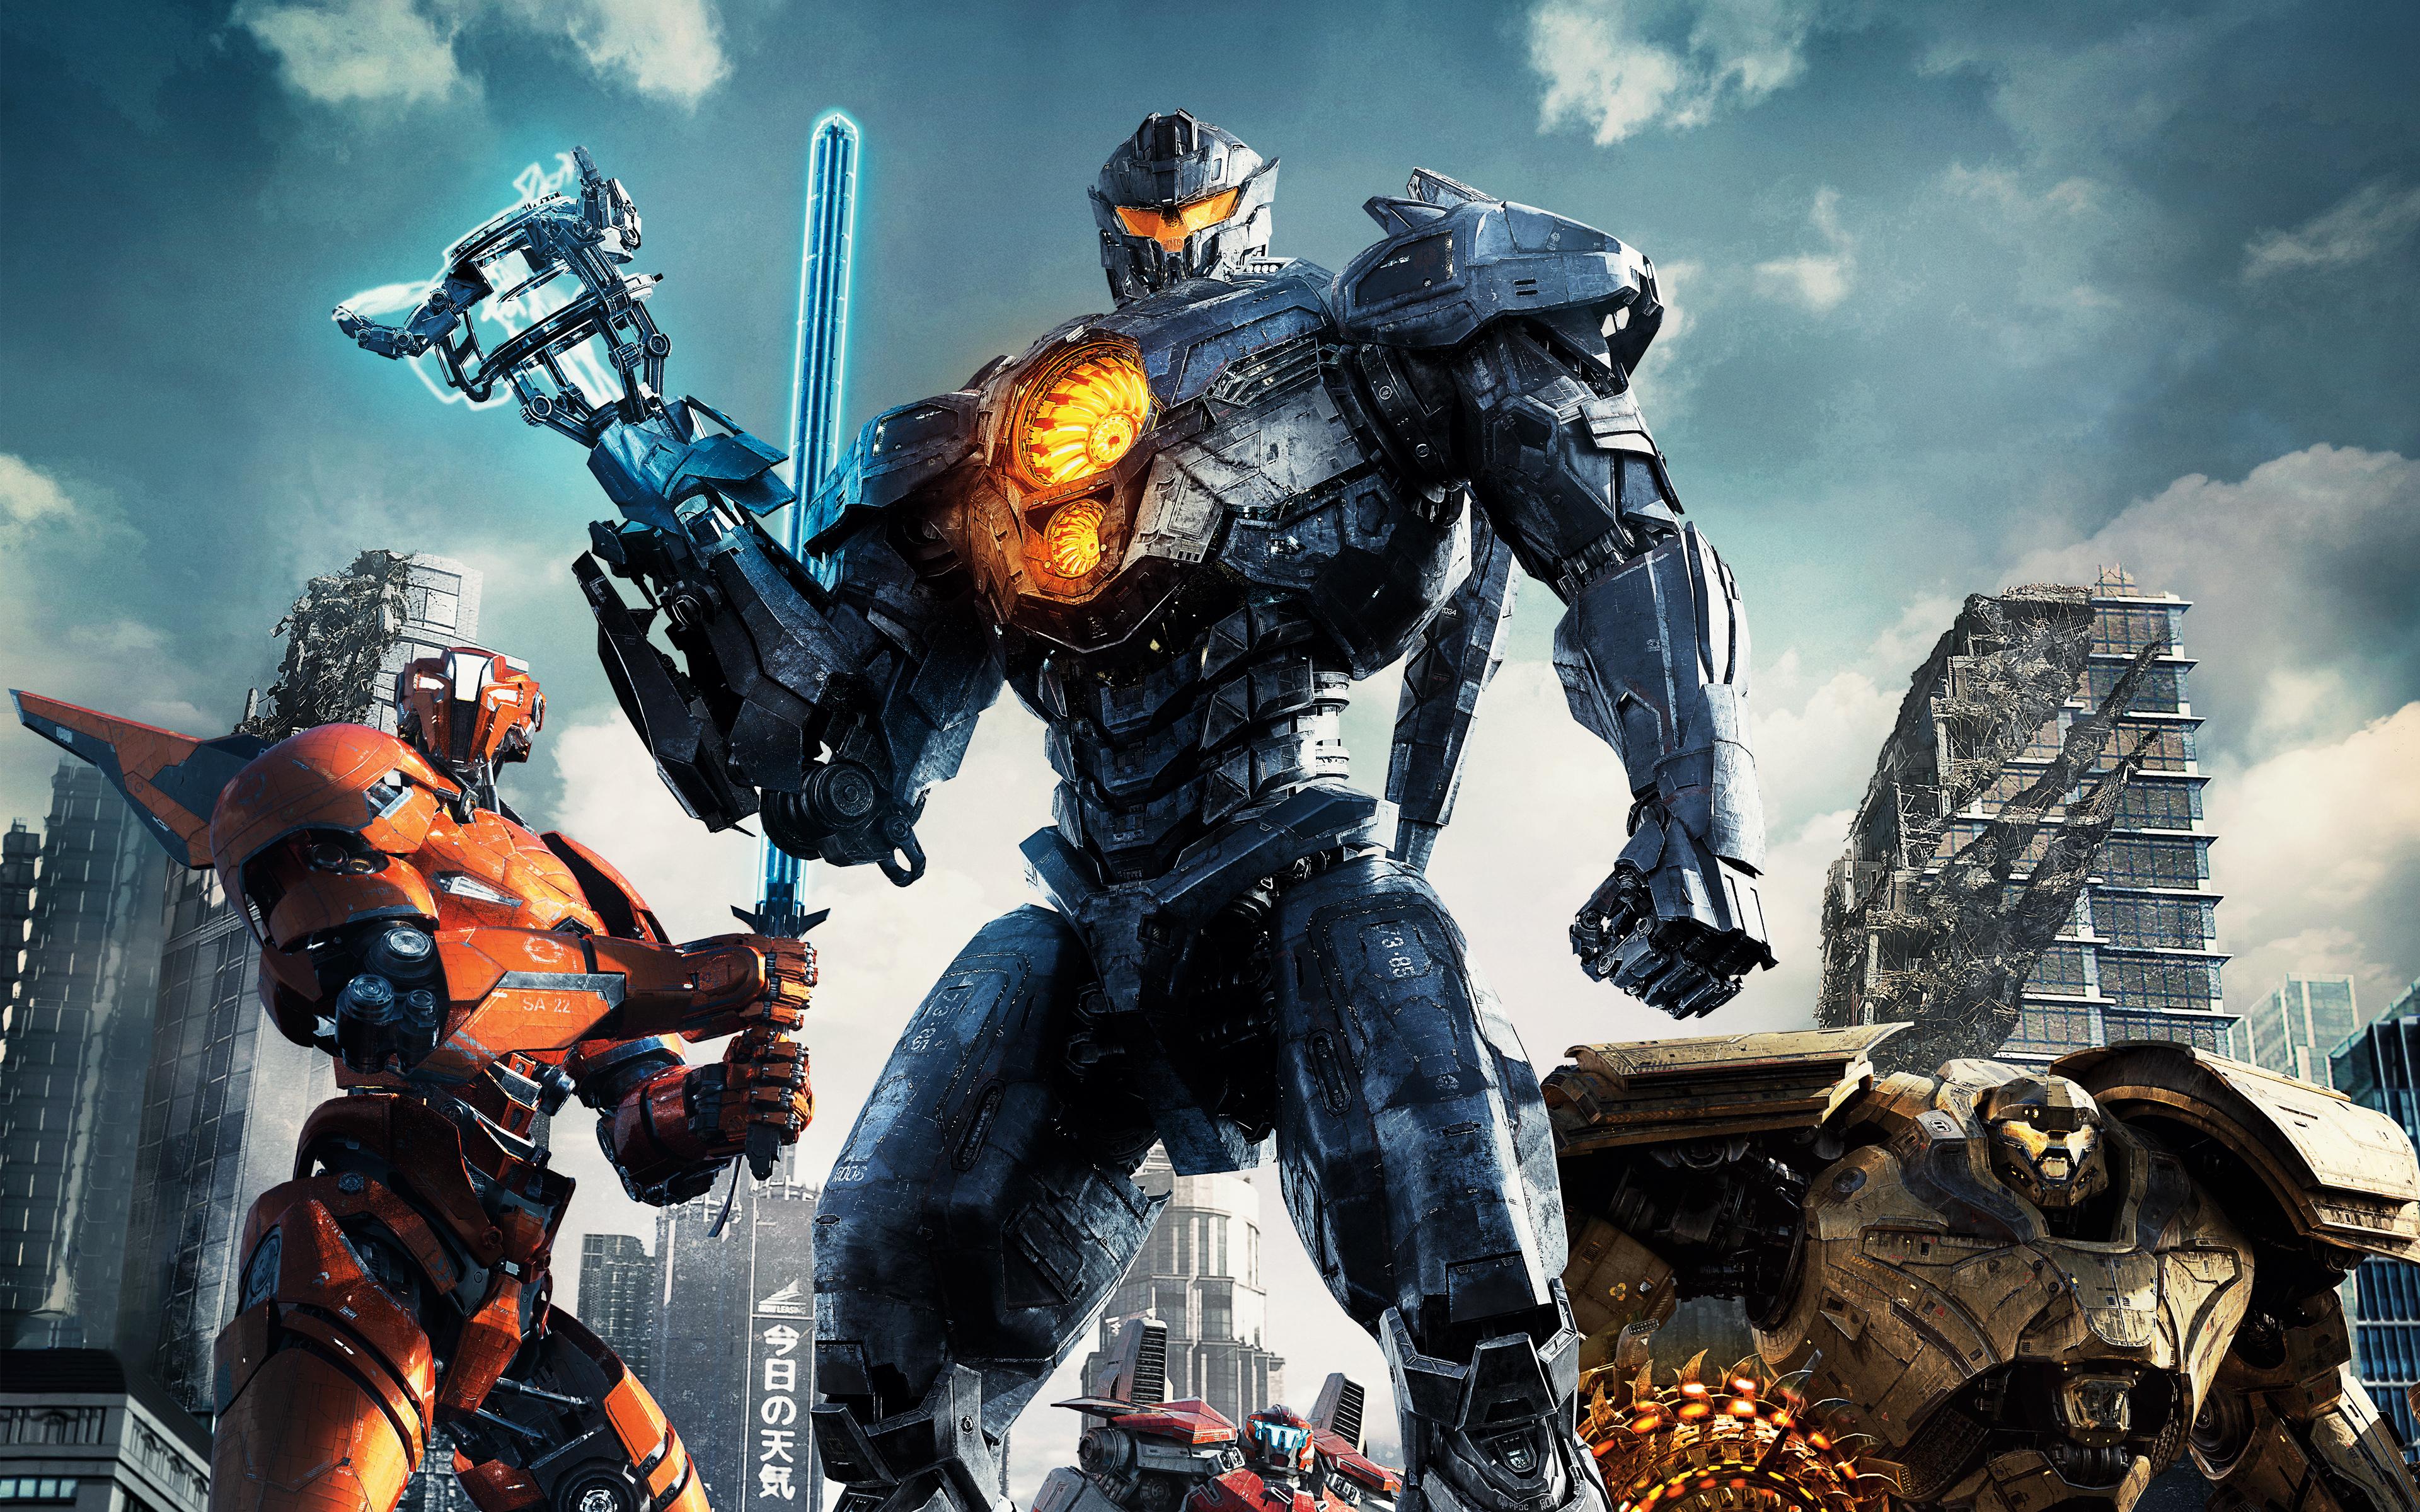 Pacific Rim Uprising - Jaegers